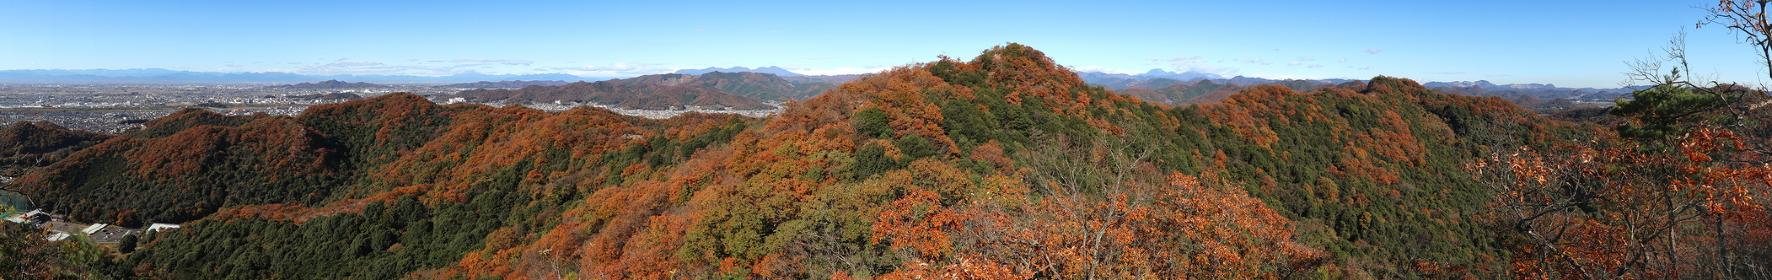 栃木百名山・大小山の稜線からの展望 (秋/紅葉)(パノラマ)